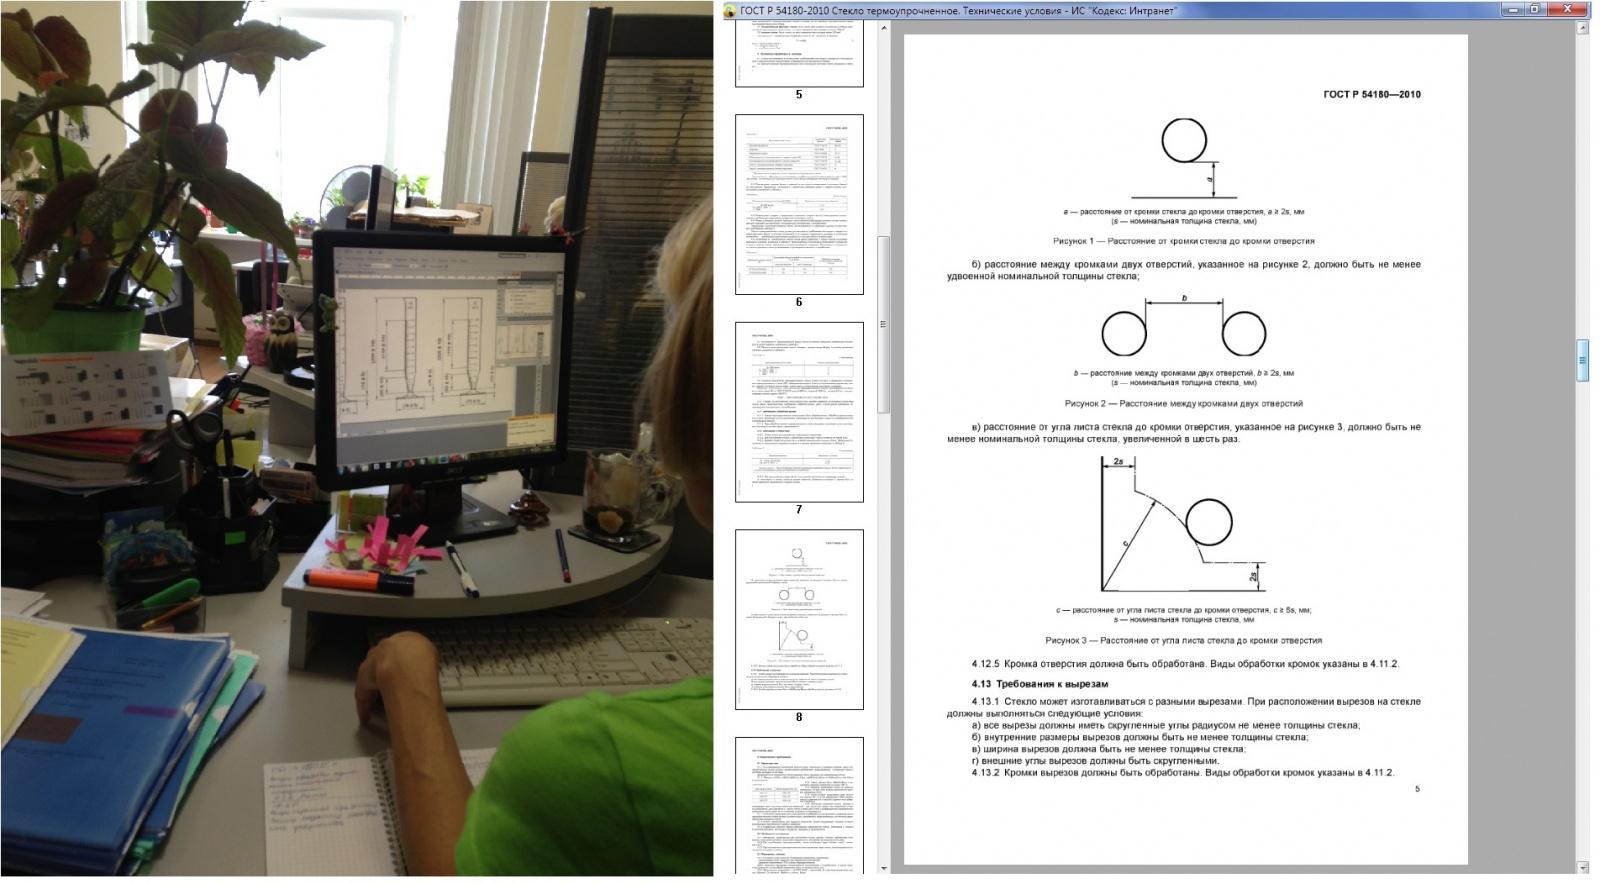 Жизненный цикл документа в профессиональной справочной системе. Немного сказочный пост о том, как кипа бумаги превращается в систему. Часть 2 - 3